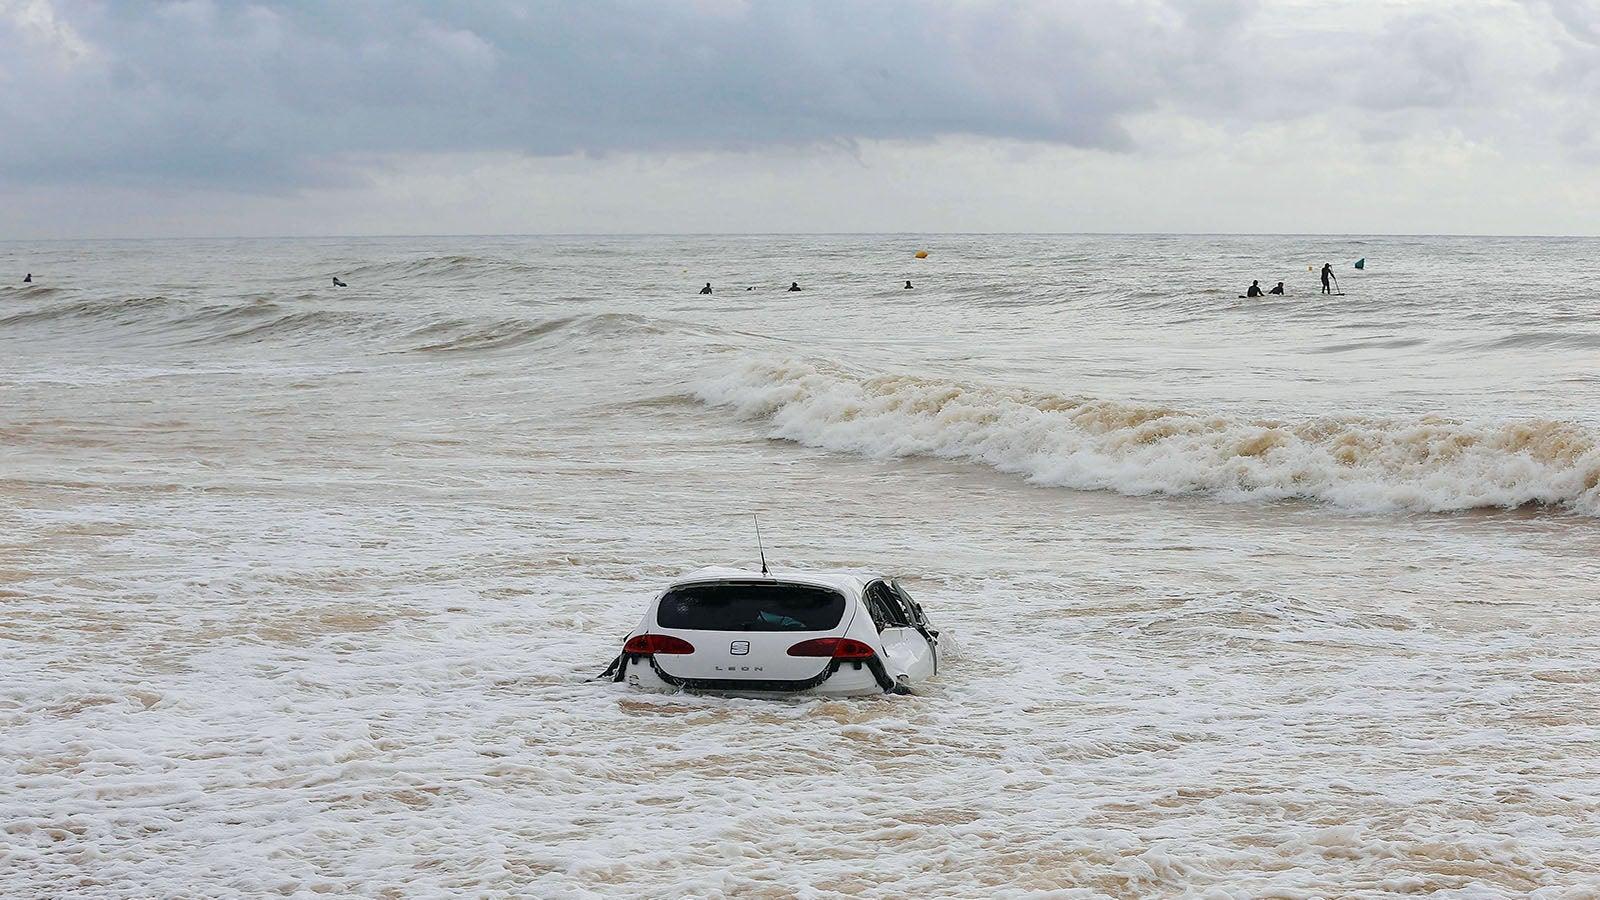 Untergangsszenarien am Mittelmeer: Unwetter-Spirale setzt sich erneut fest